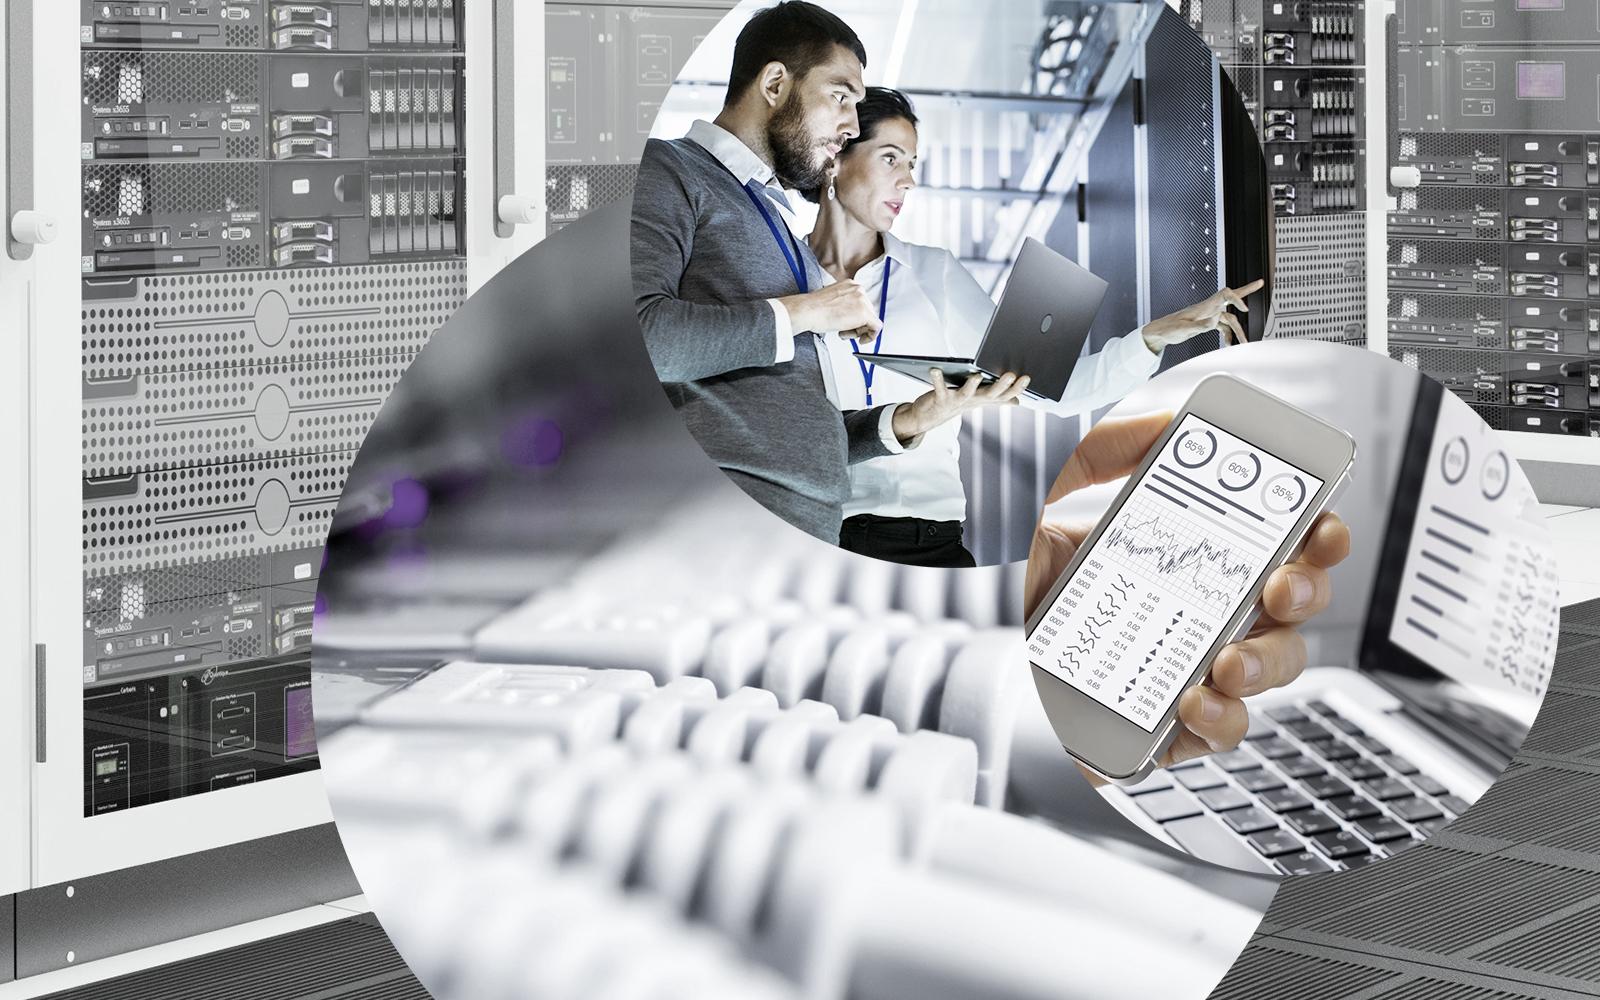 Bild eines Rechenzentrums, verschiedener Kabel, zwei Personen mit Laptop in einem Rechenzentrum und ein Handy, valantic Division Digital Strategy